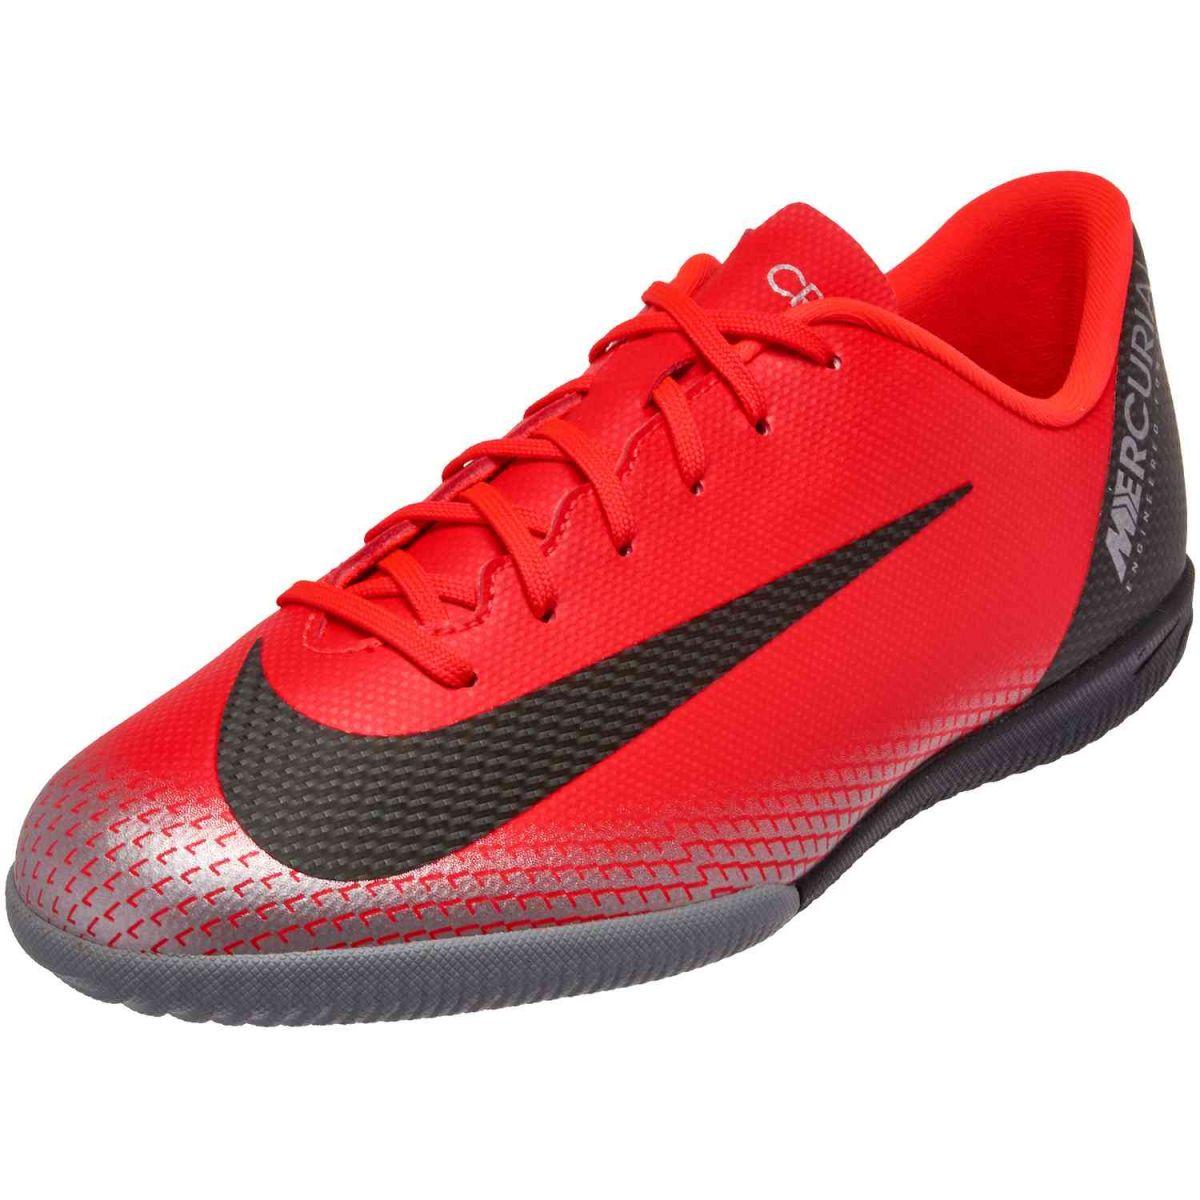 Nike Vapor 12 Academy CR7 IC GS (AJ3099-600)